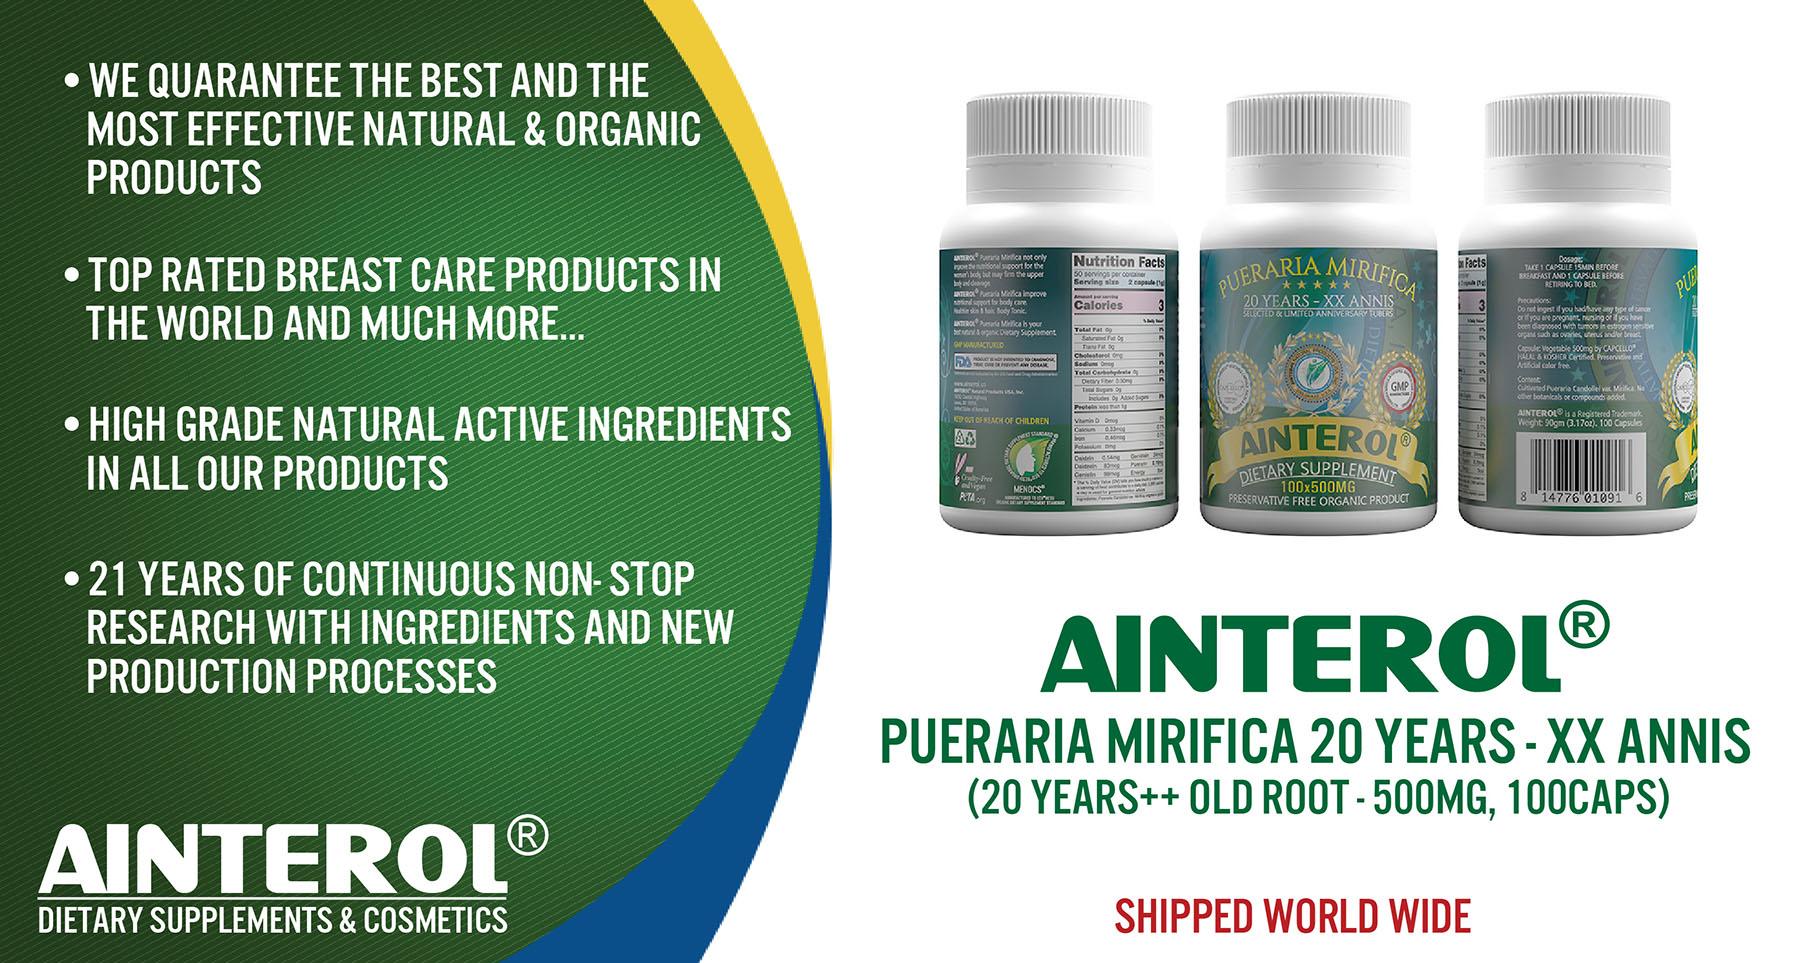 AINTEROL Pueraria Mirifica 20 YEARS - XX Annis